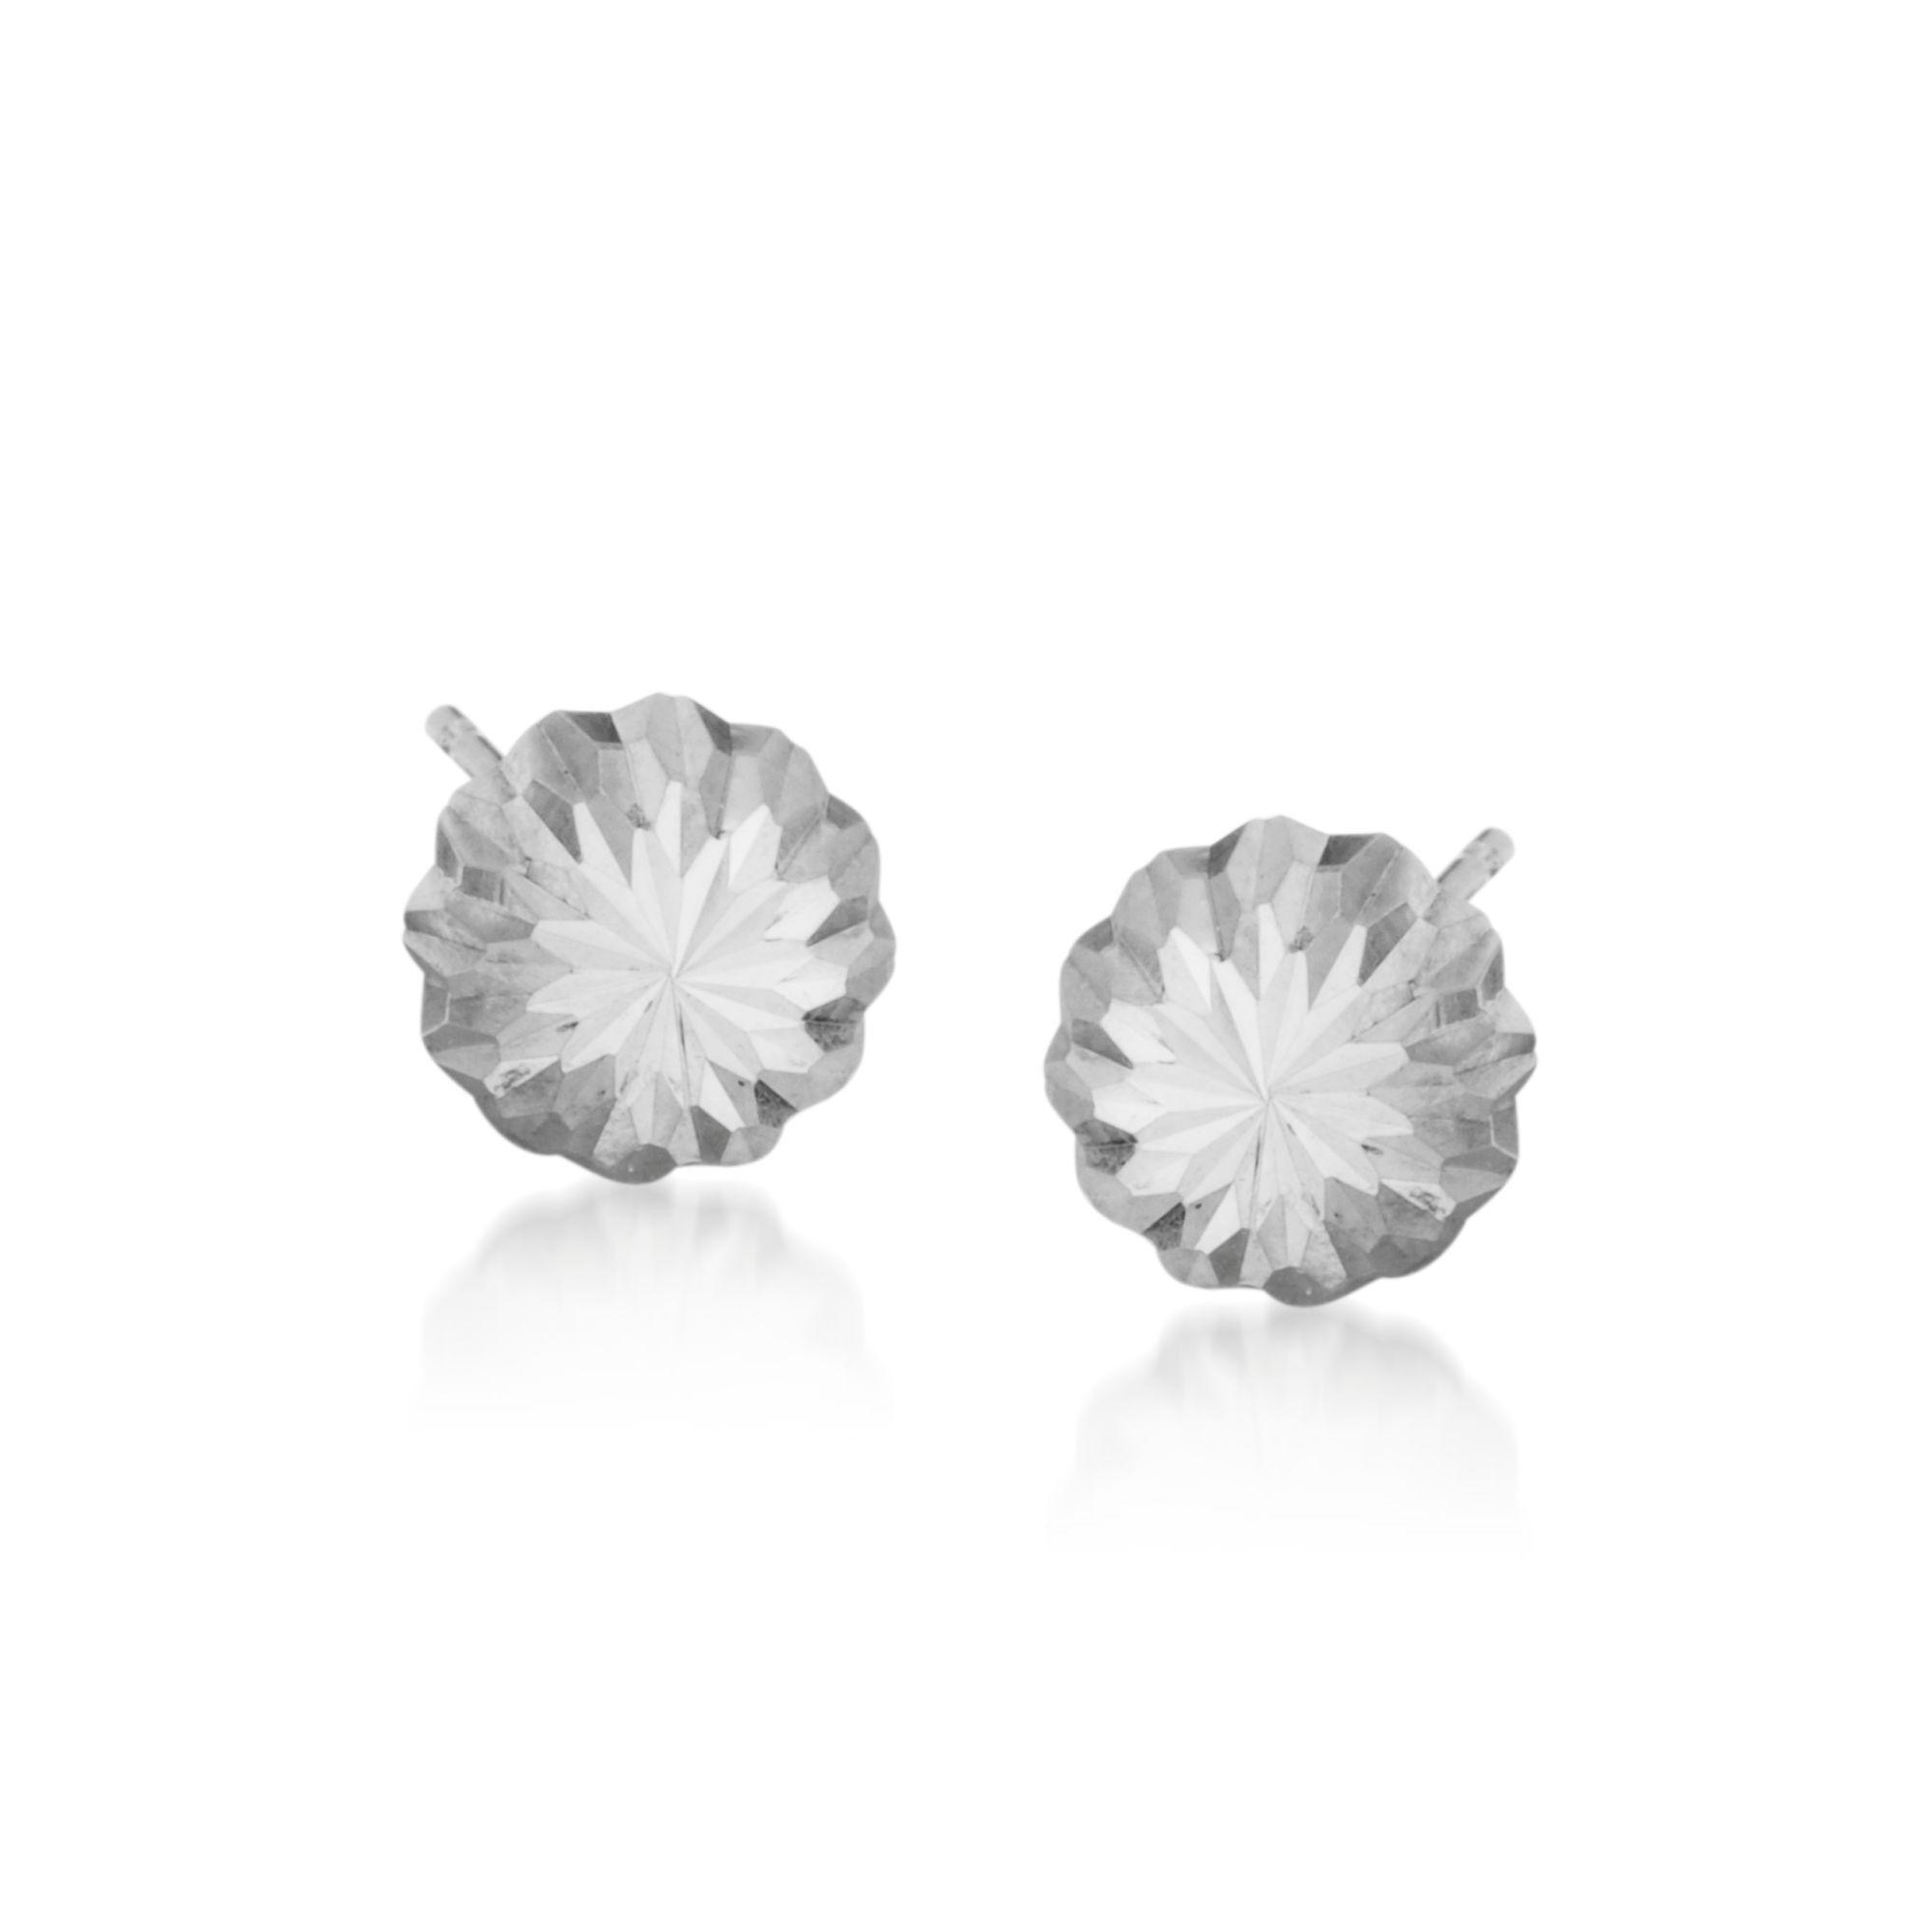 14kt White Gold Stud Earrings